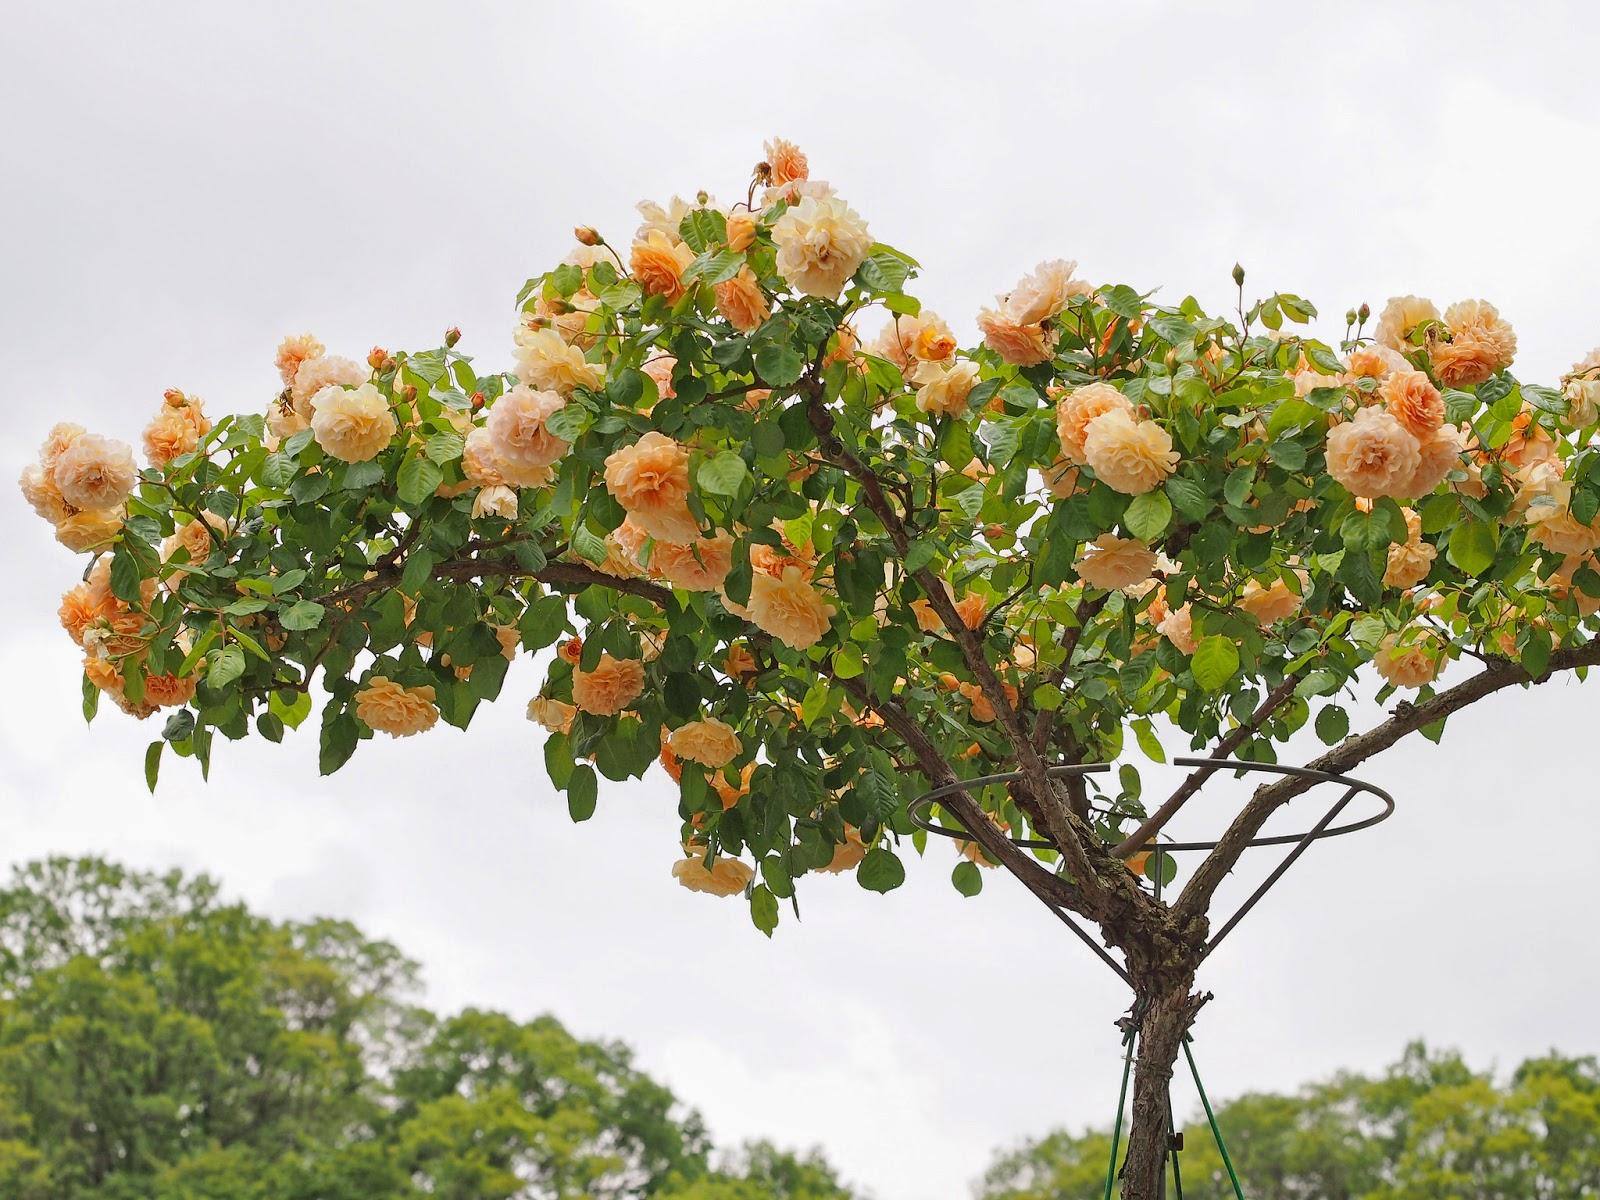 Jardines que me gustan arboles de rosas - Arbol de rosas ...